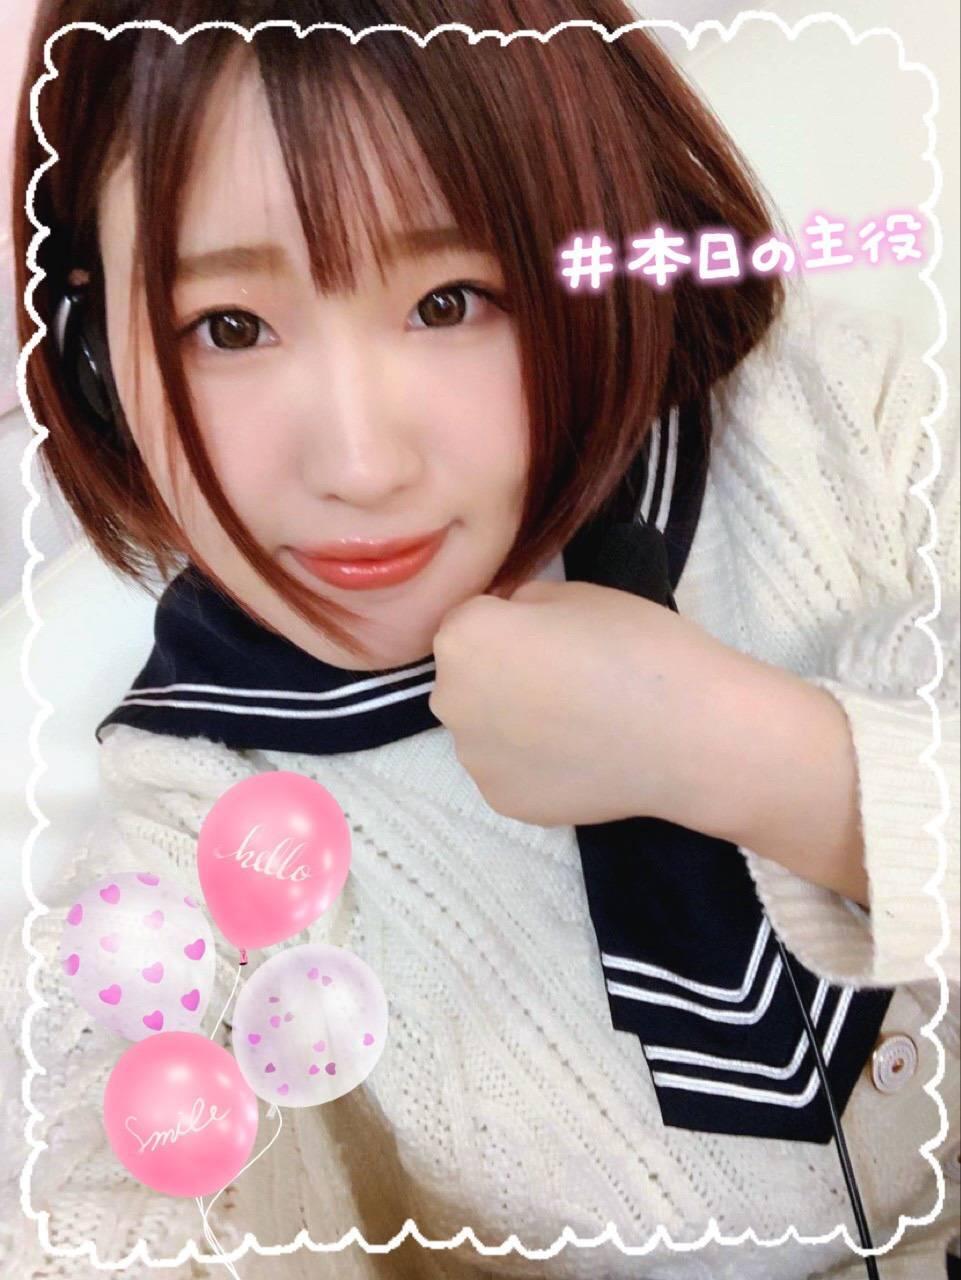 【祝】12/12(土)20時〜●明希〇ちゃん生誕祭!3